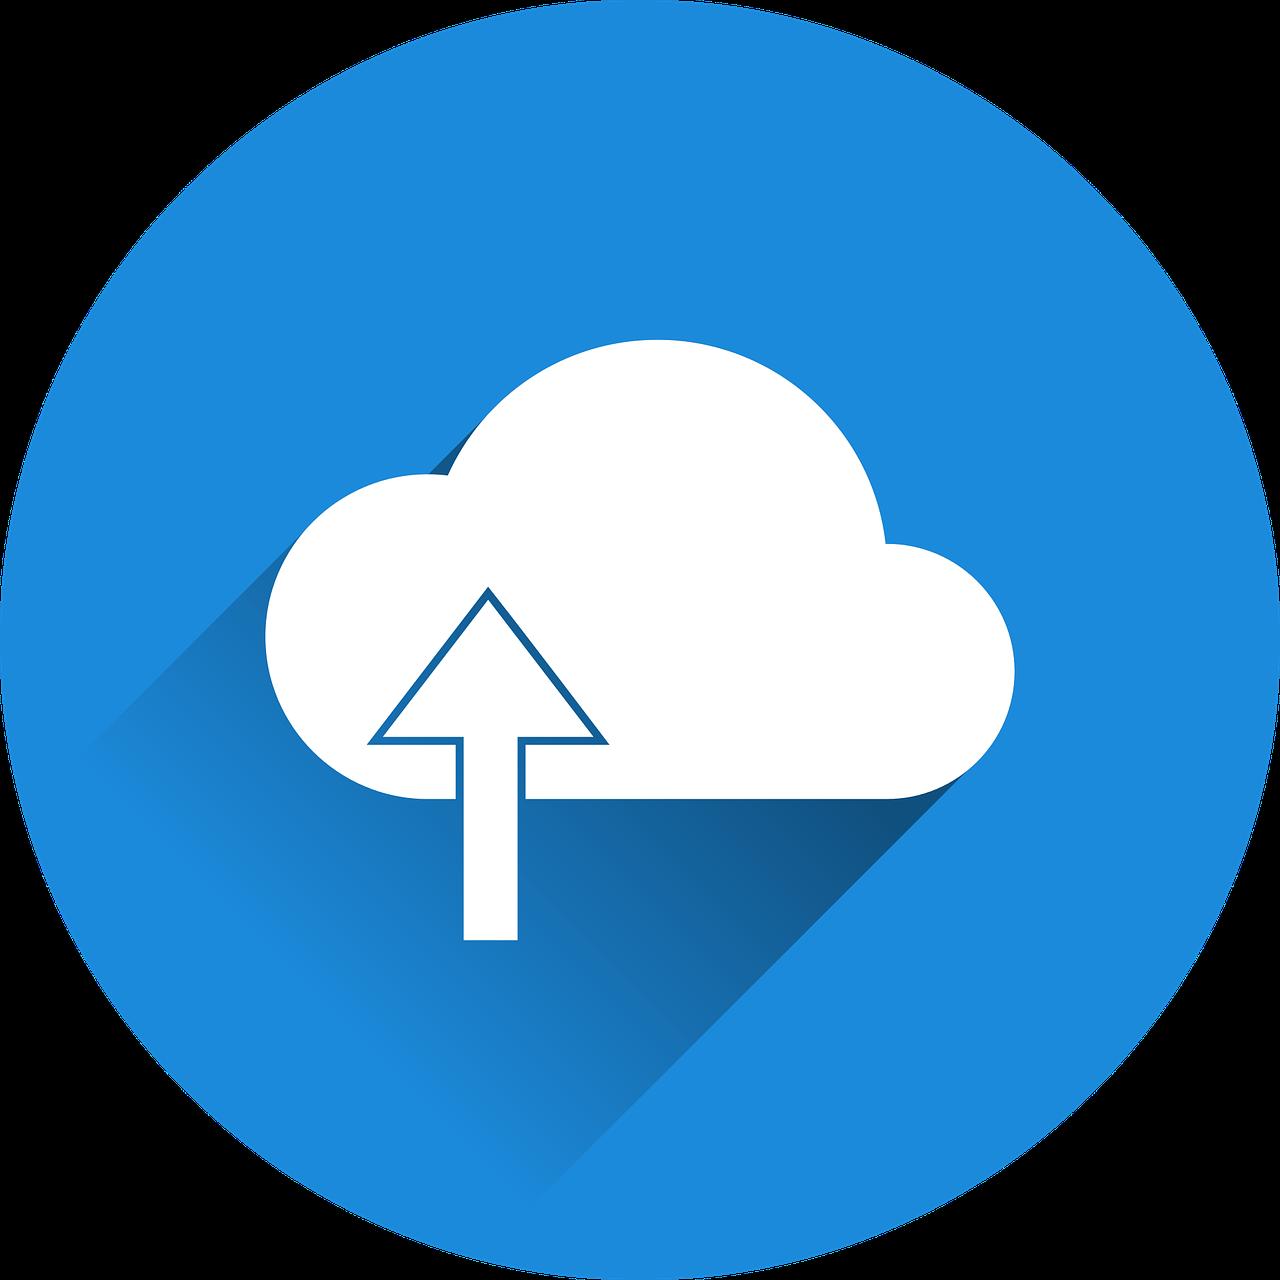 cloud-2044823_1280.png